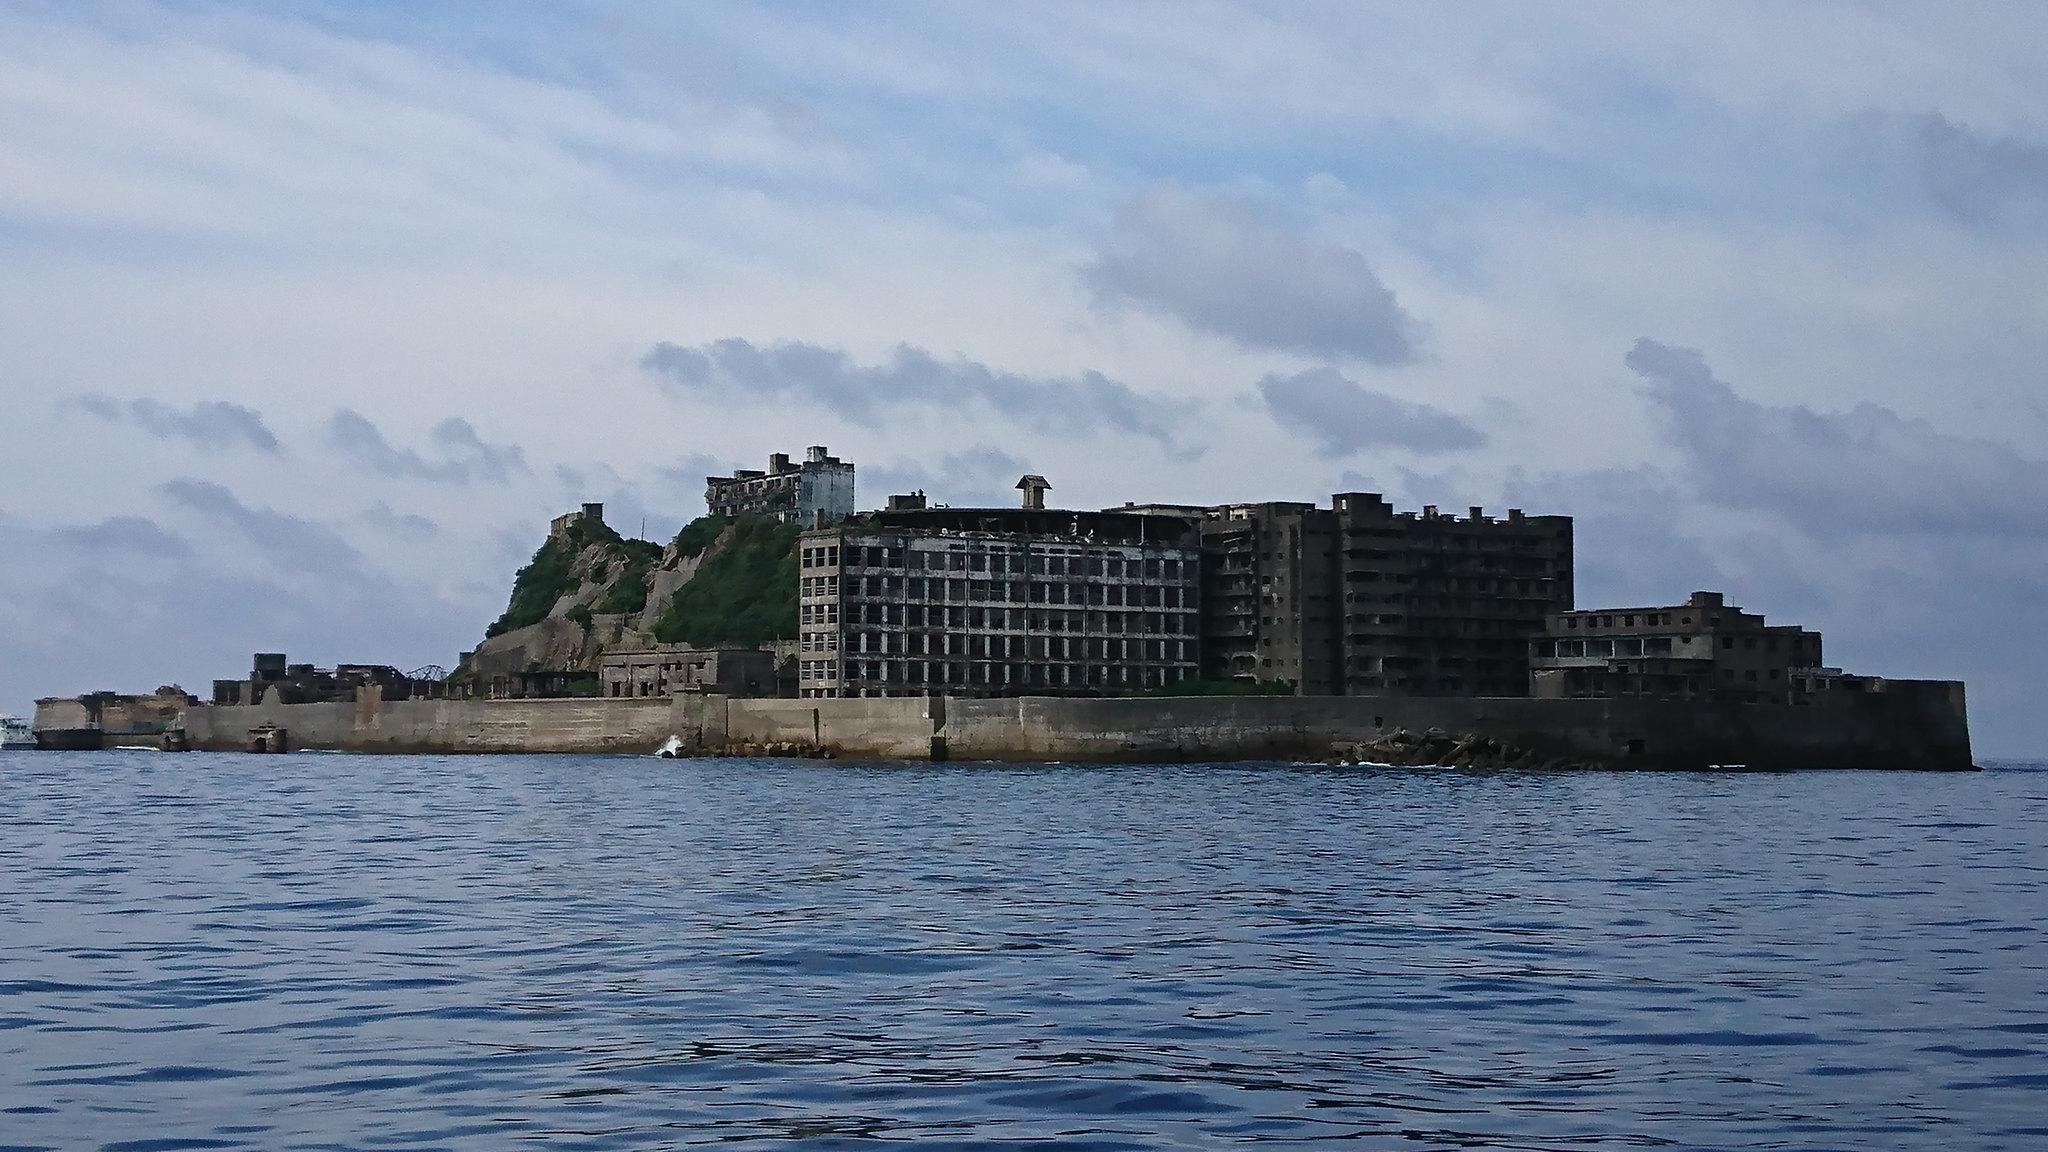 Gunkanjima: Visiting the mysterious and abandoned battleship island